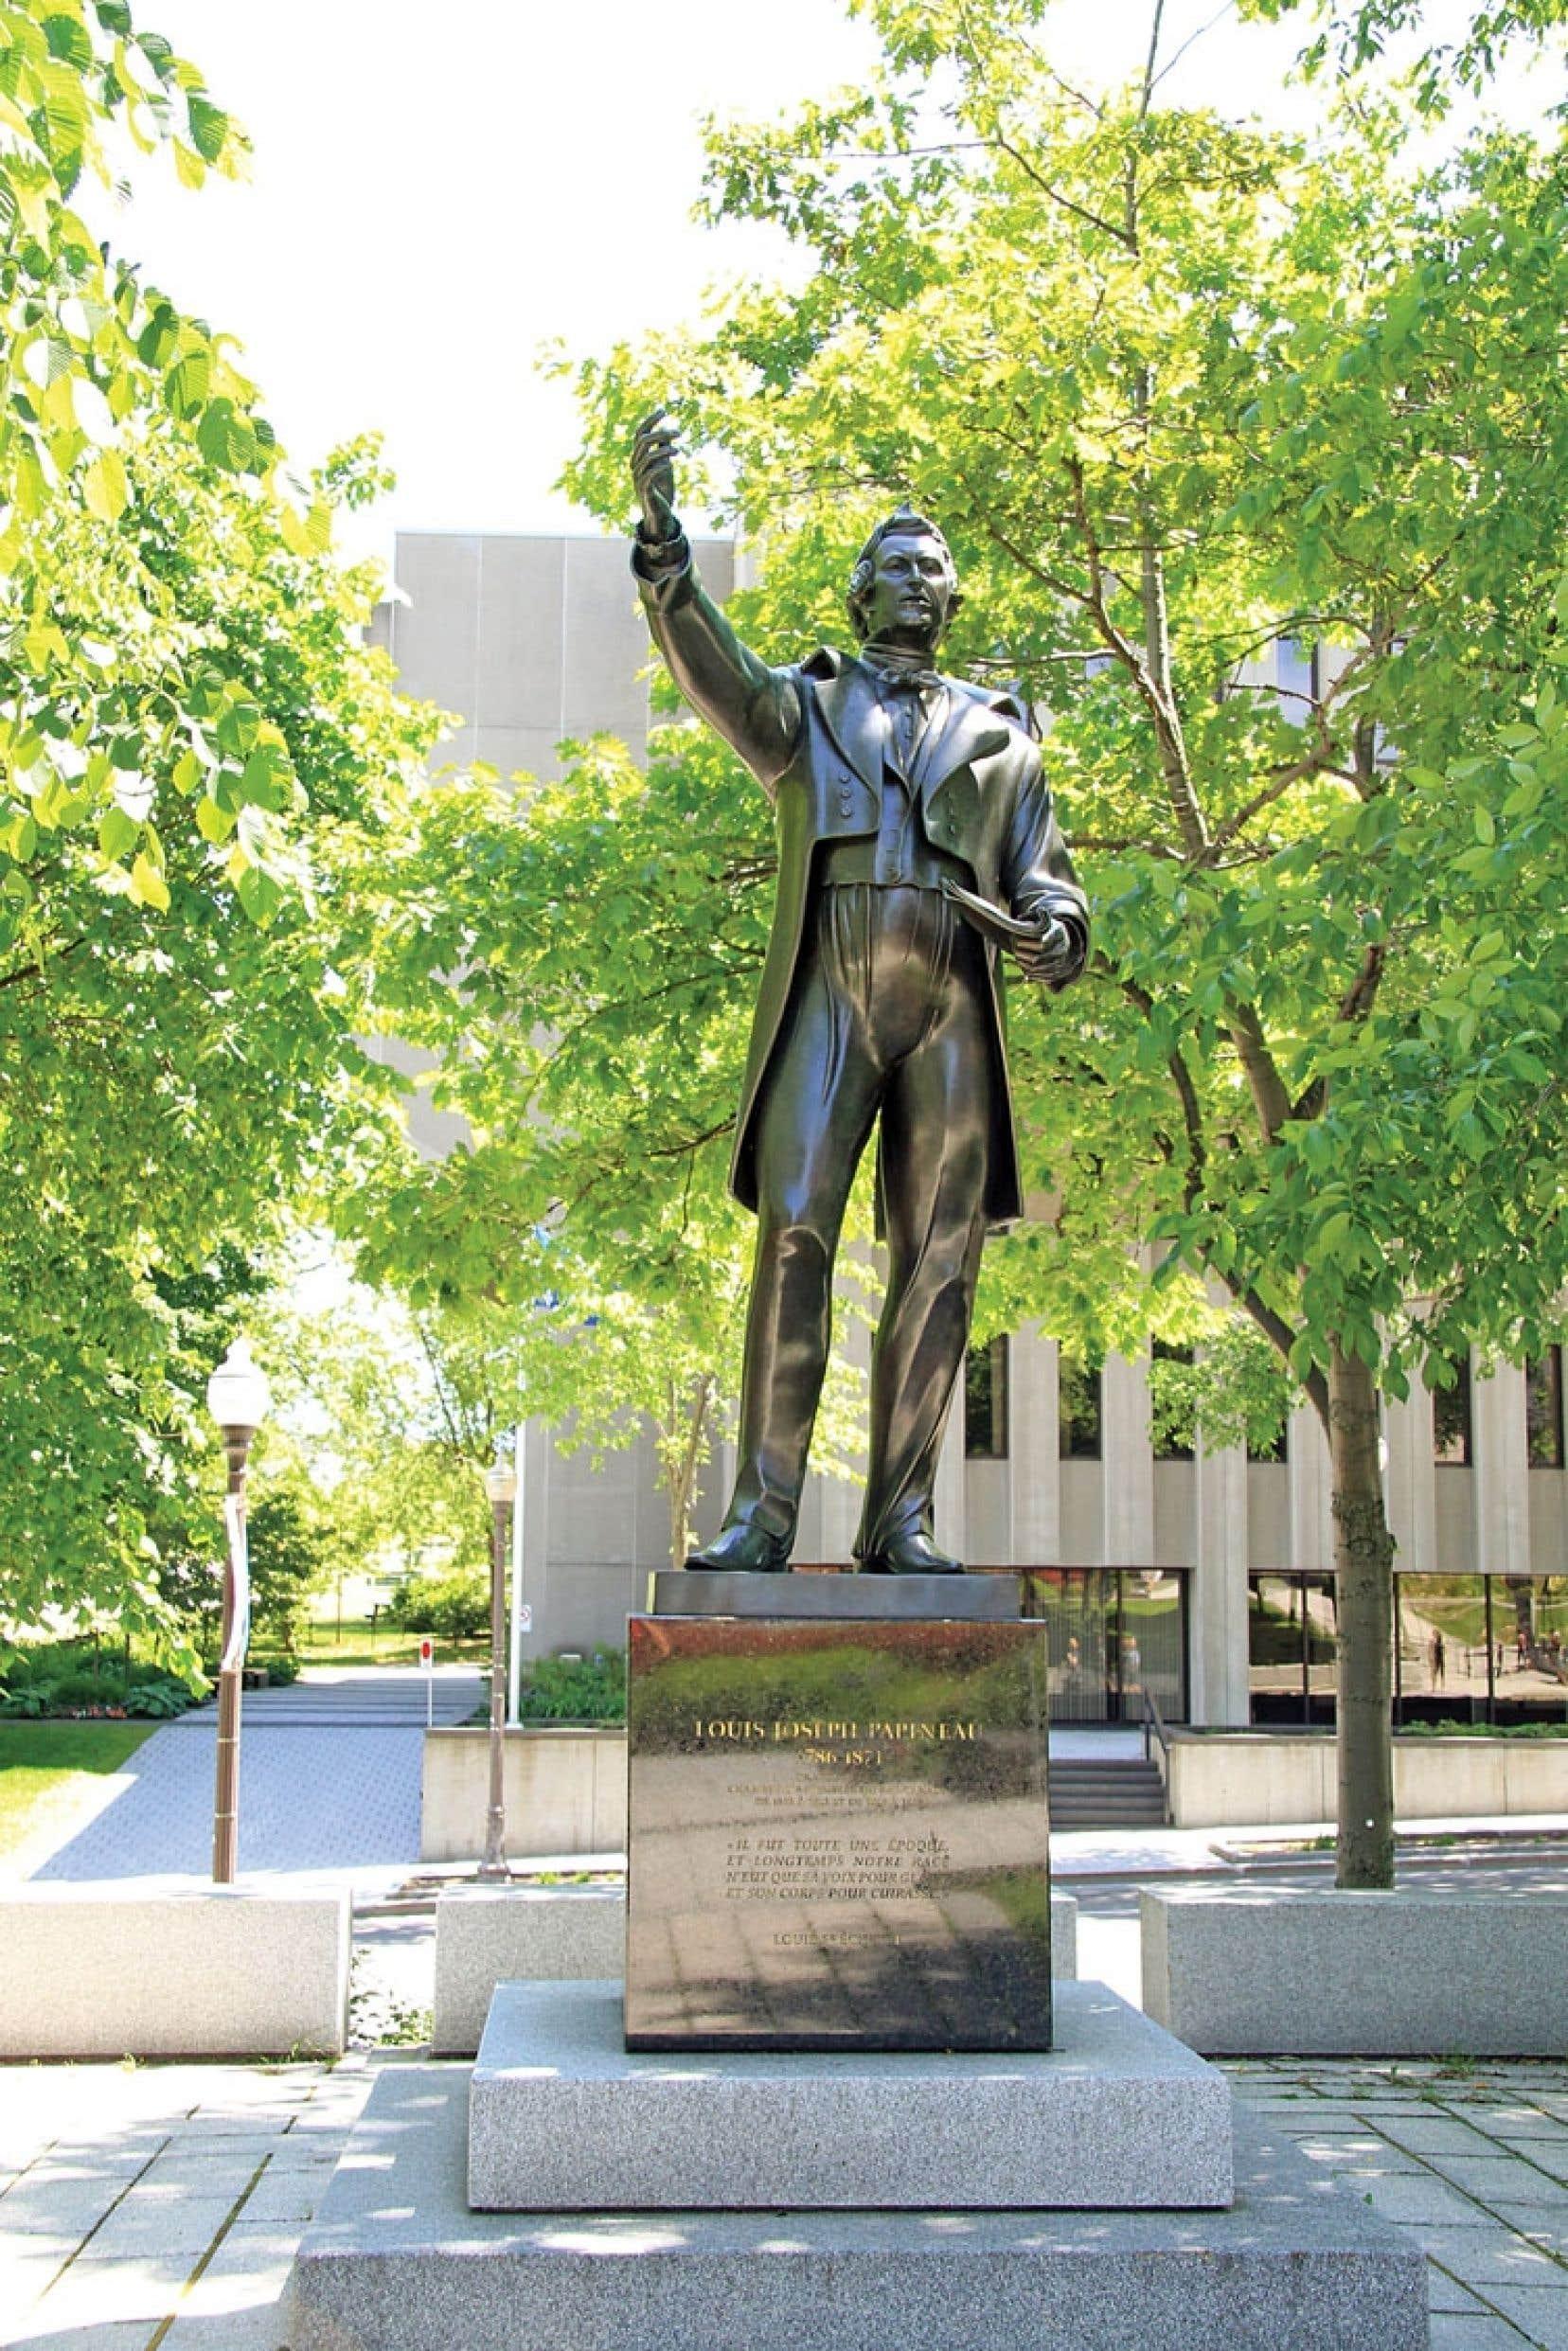 Louis-Joseph Papineau, dont la statue sculptée par Suzanne Gravel et Yvon Milliard trône près de l'Assemblée nationale, encourageait à son époque la consommation de biens produits au pays.